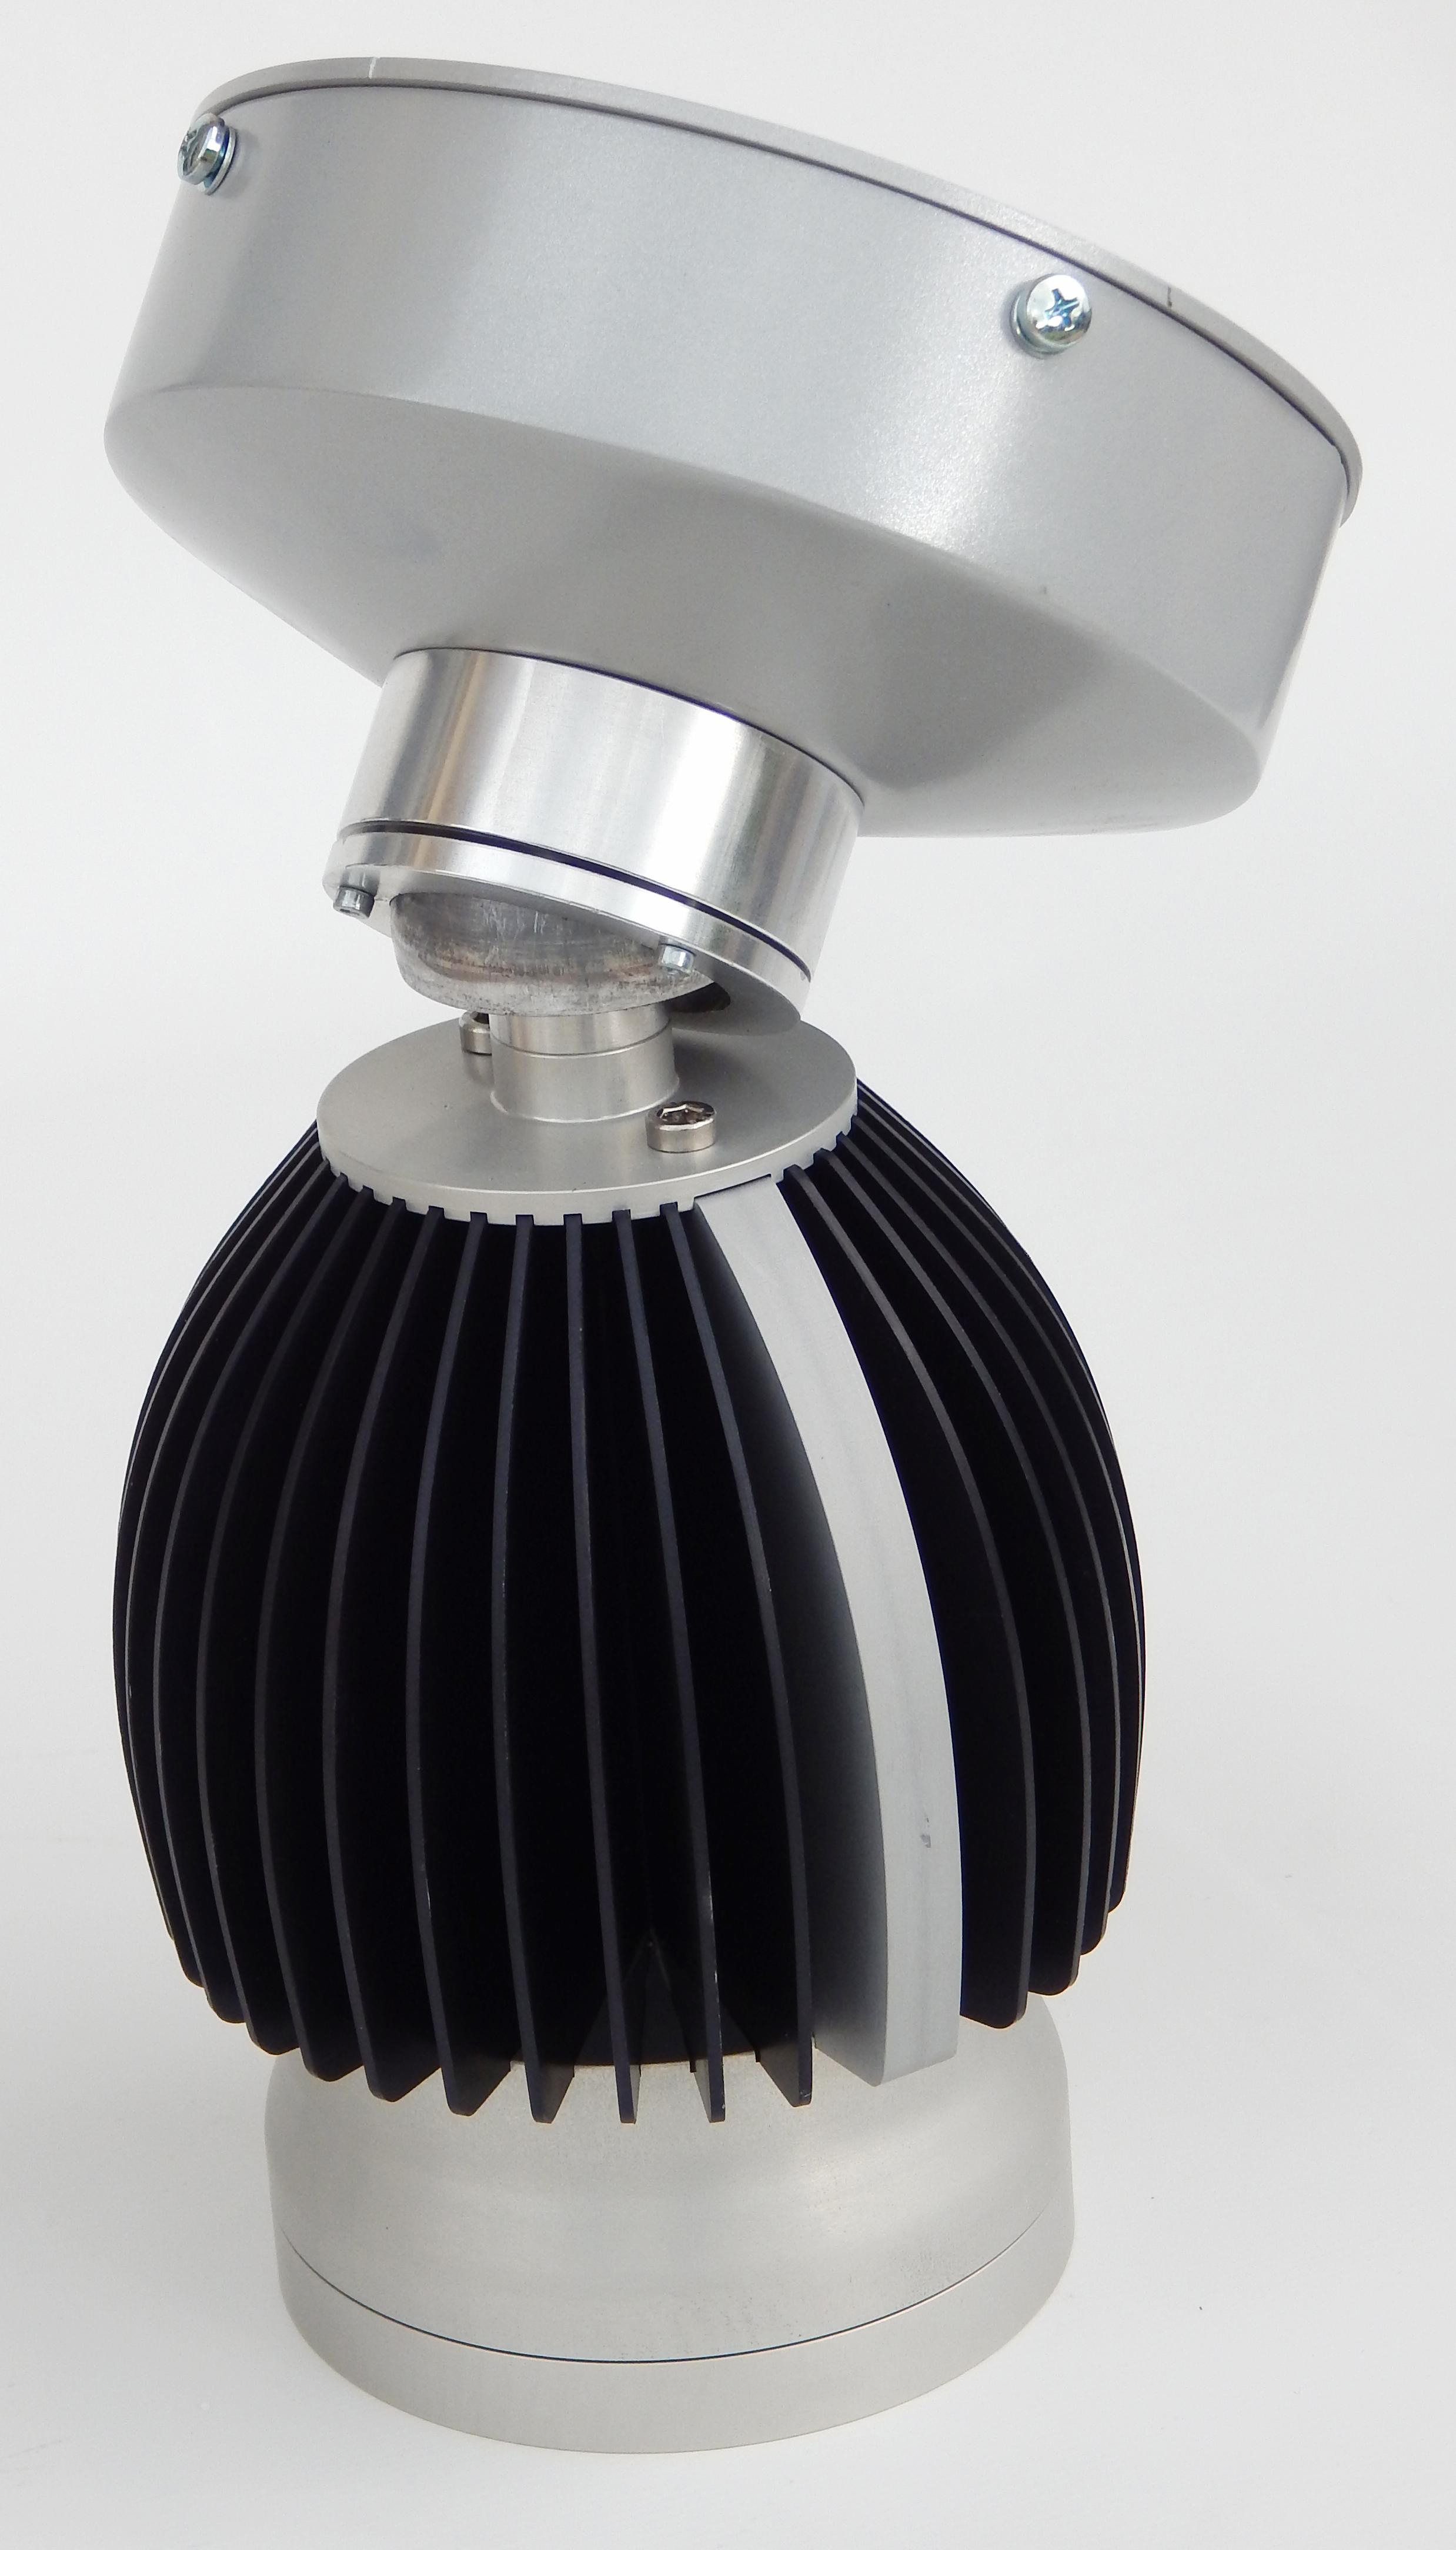 DSCN0340 Spannende 30 Watt Led Strahler Dekorationen